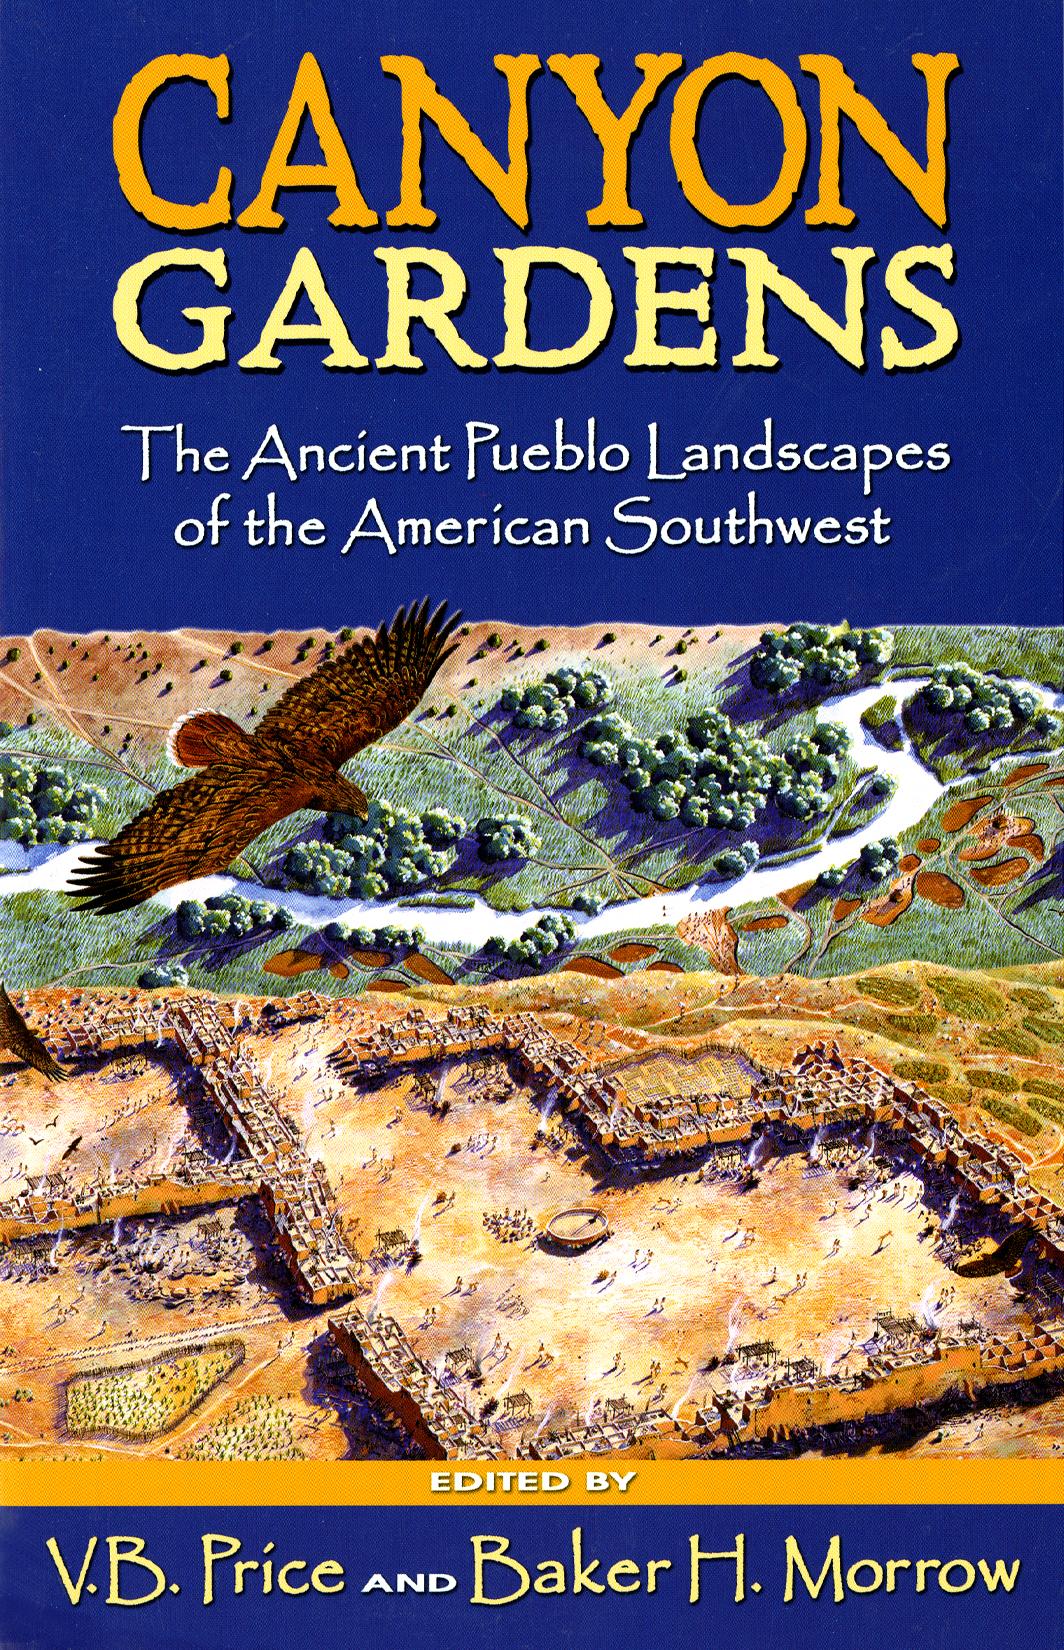 Canyon Gardens.jpg